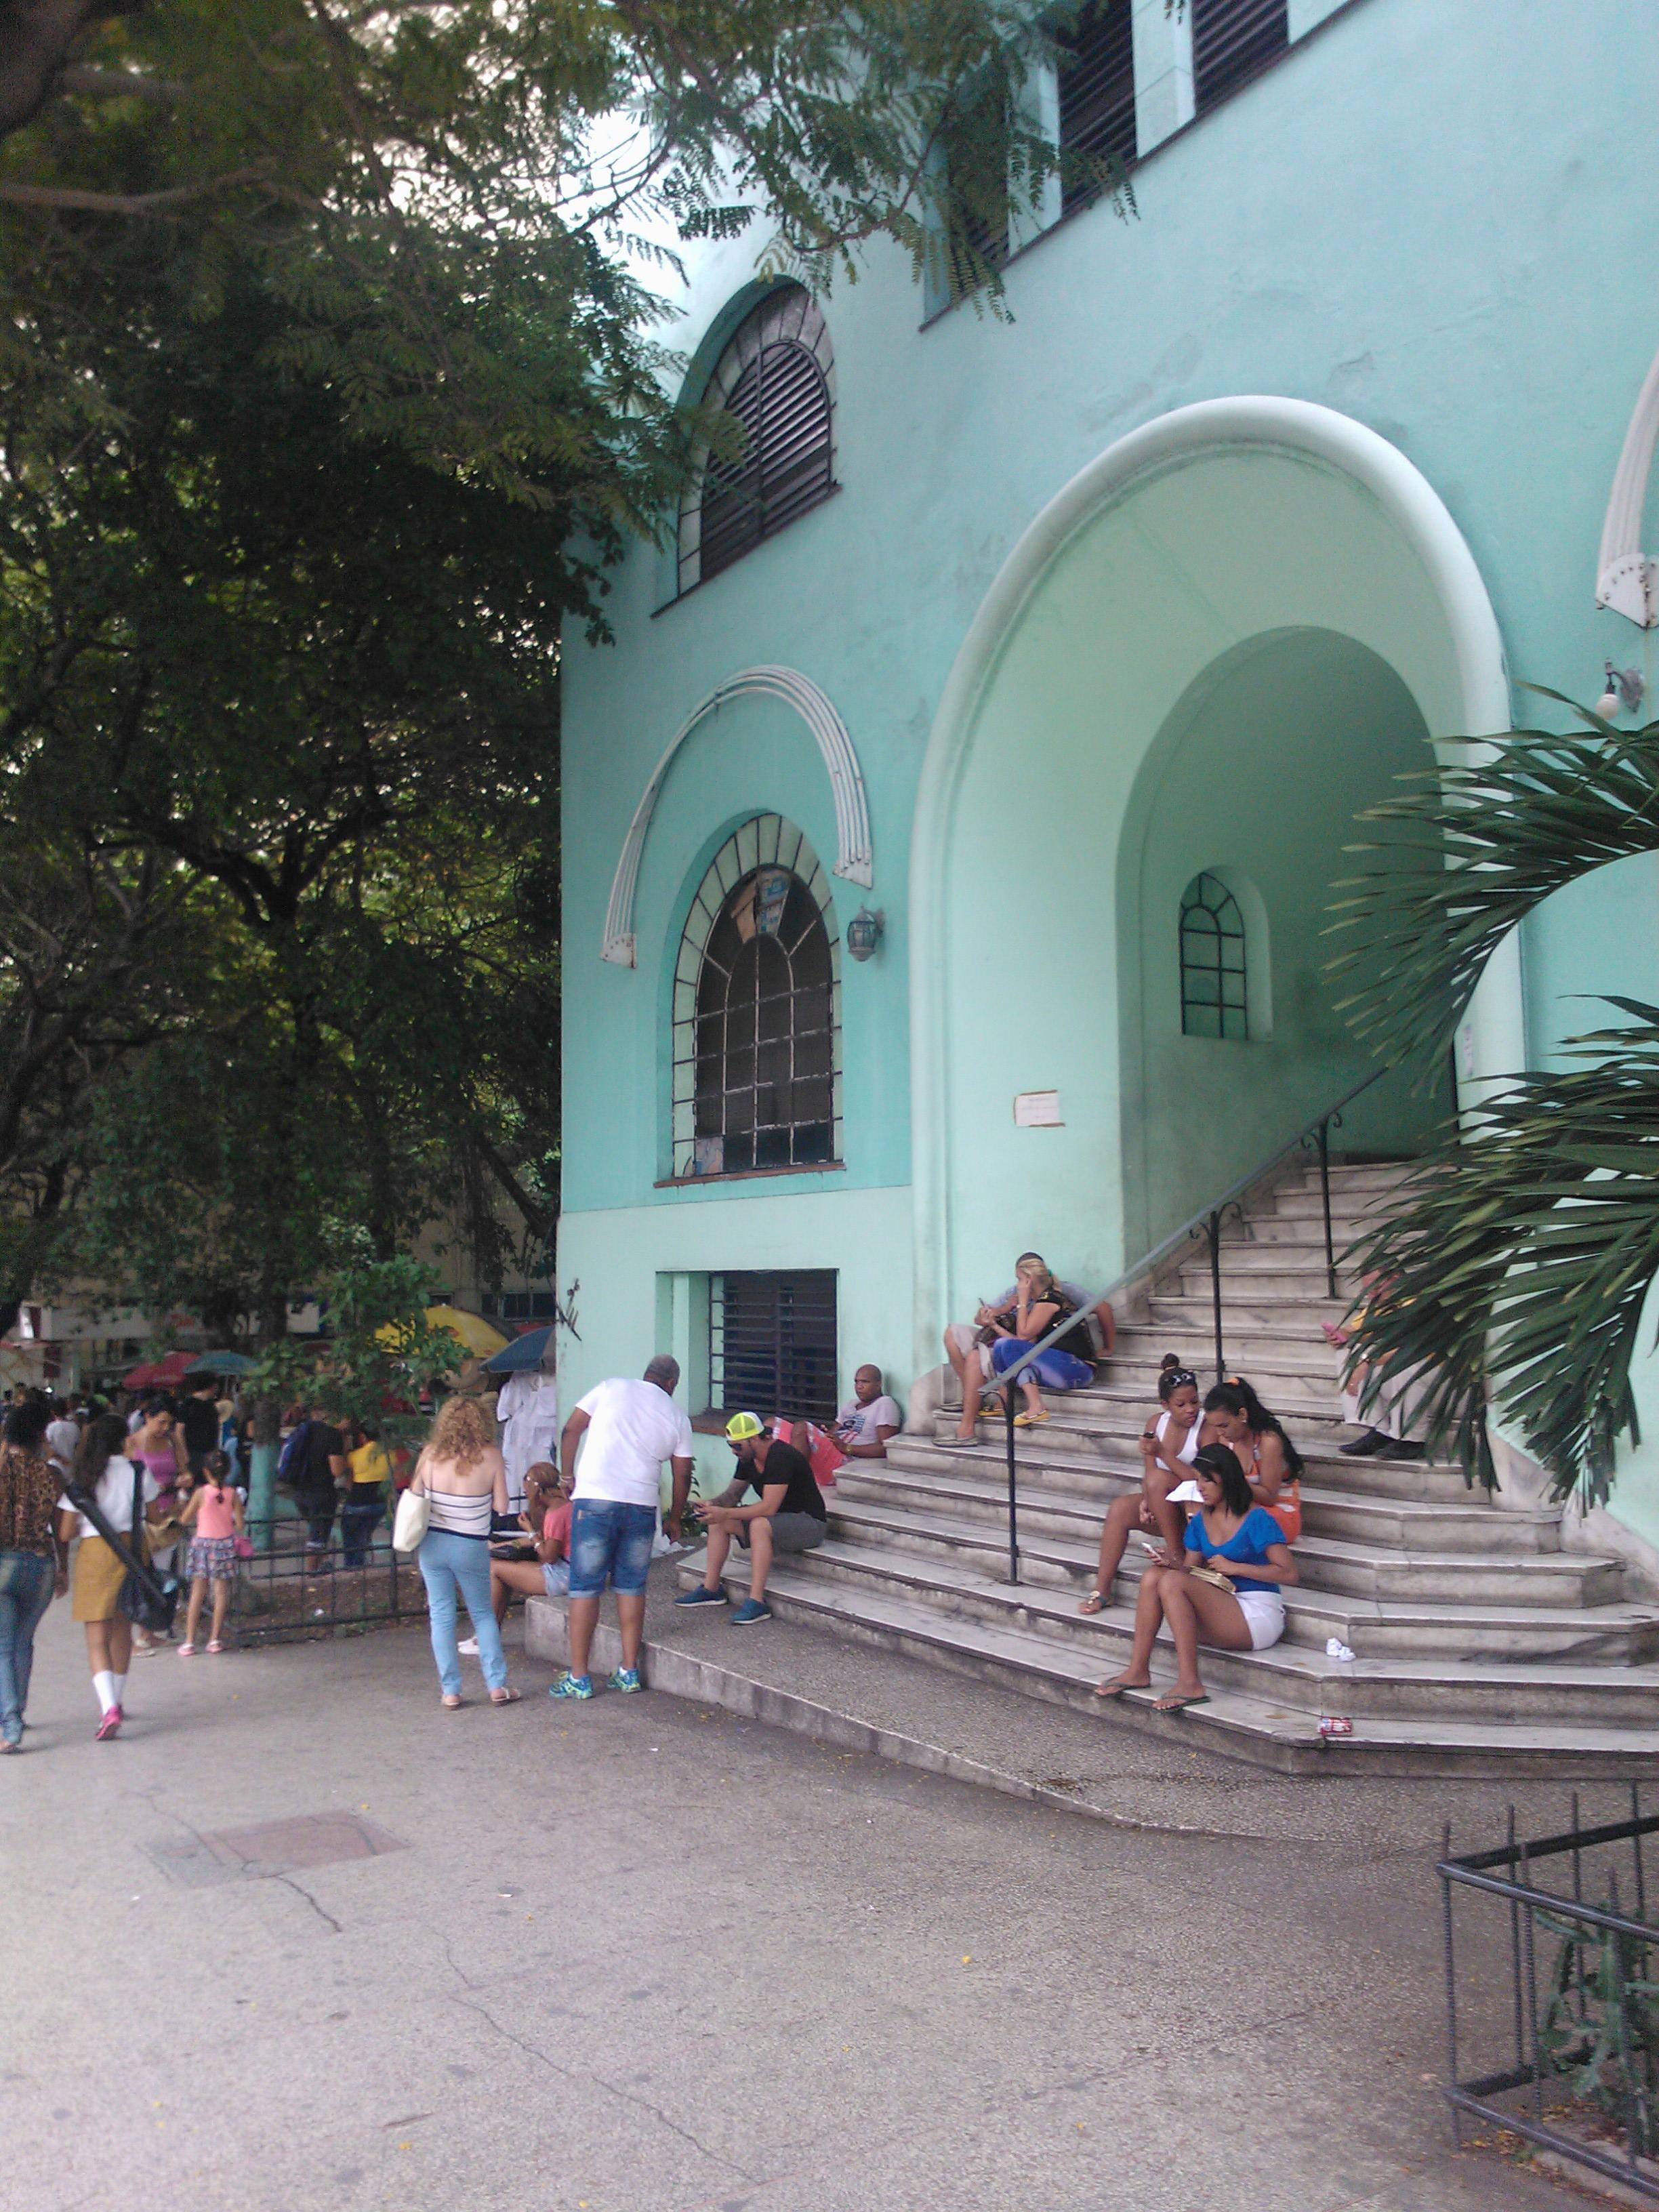 Foto: viele Menschen am Hotspot an der Rampa